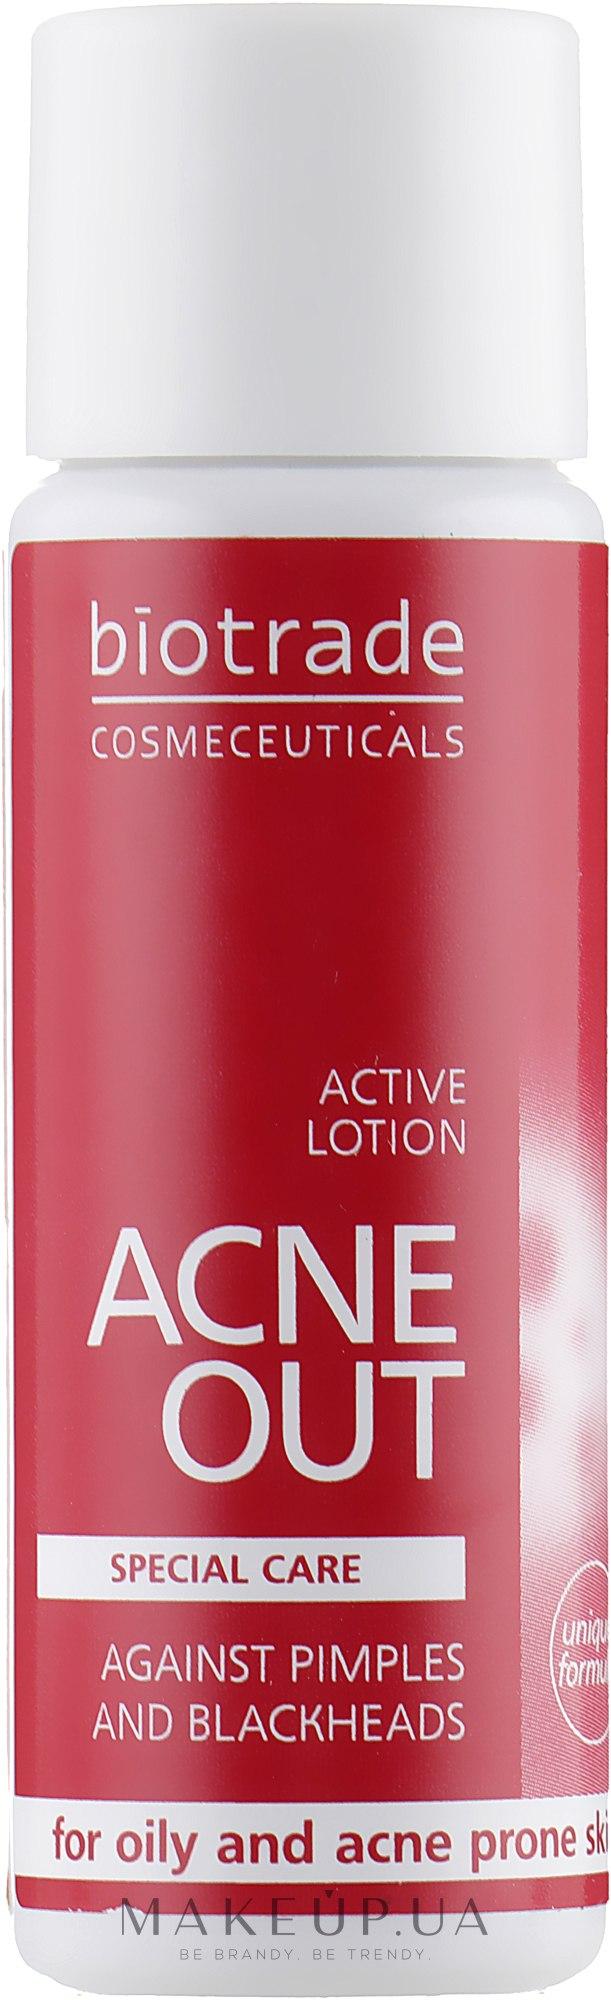 Активный антибактериальный лосьон для жирной и проблемной кожи - Biotrade Acne Out Active Lotion (мини) — фото 15ml